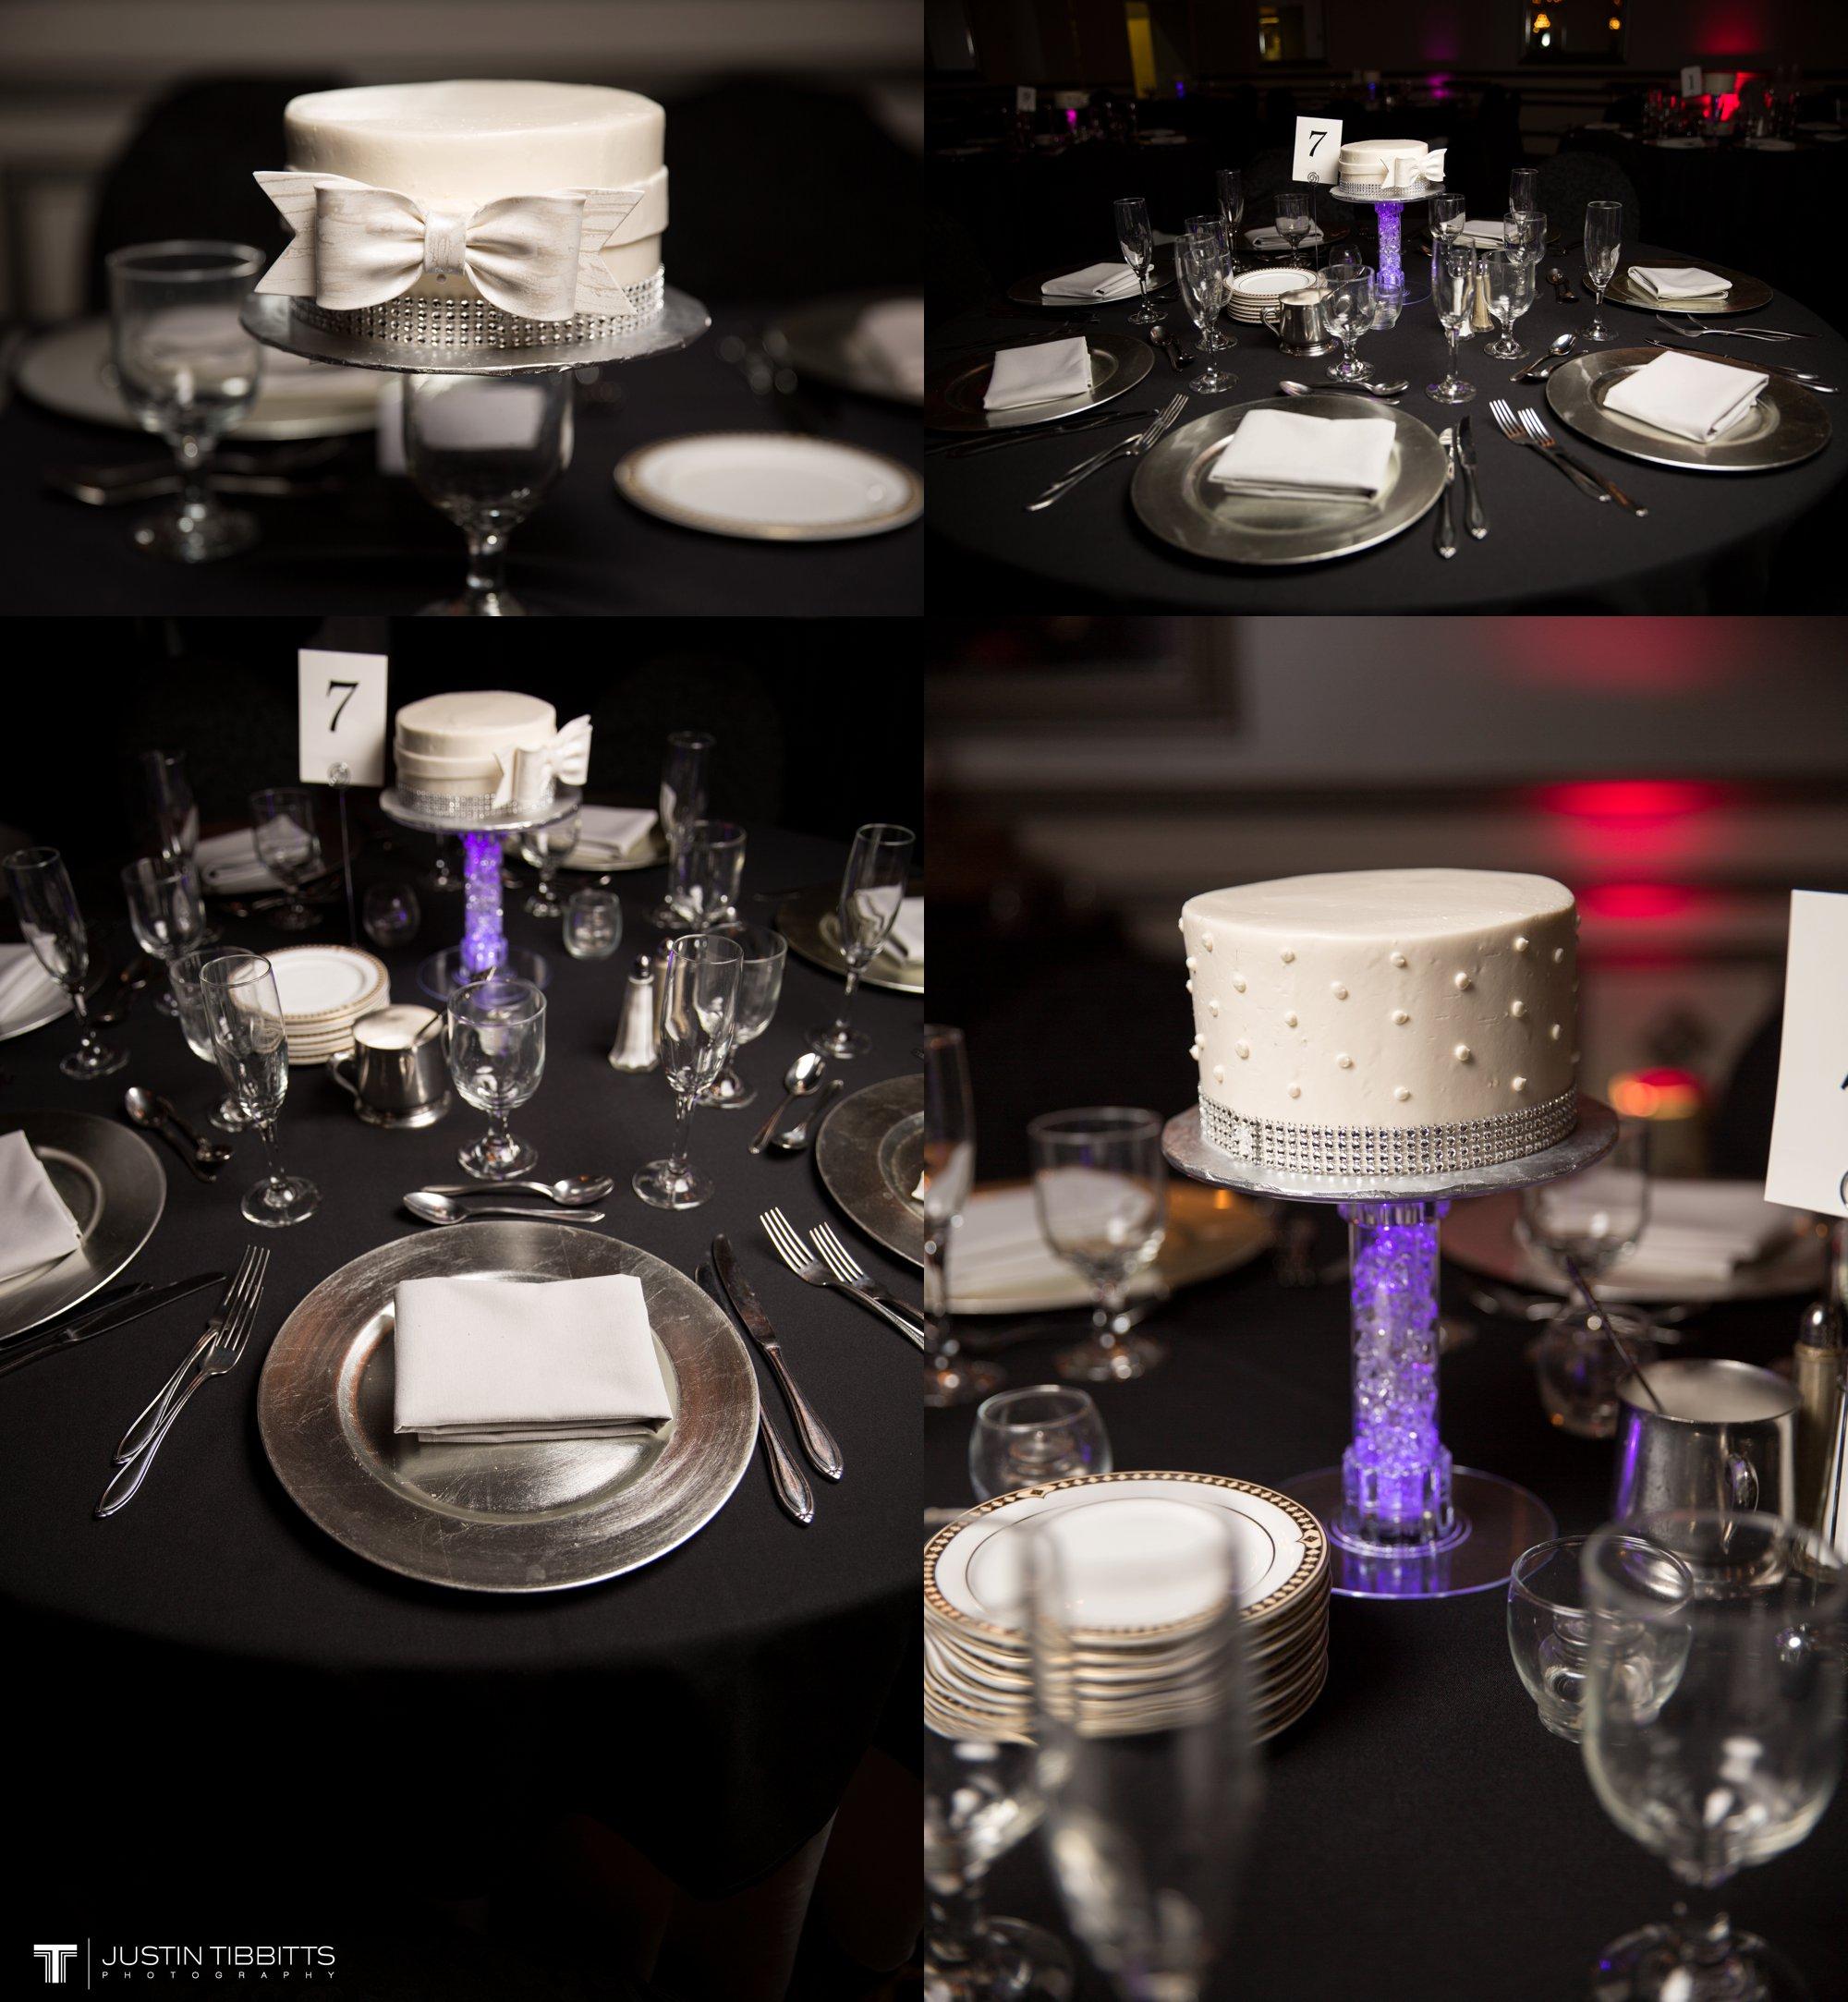 Albany NY Wedding Photographer Justin Tibbitts Photography 2014 Best of Albany NY Weddings-3922683411028